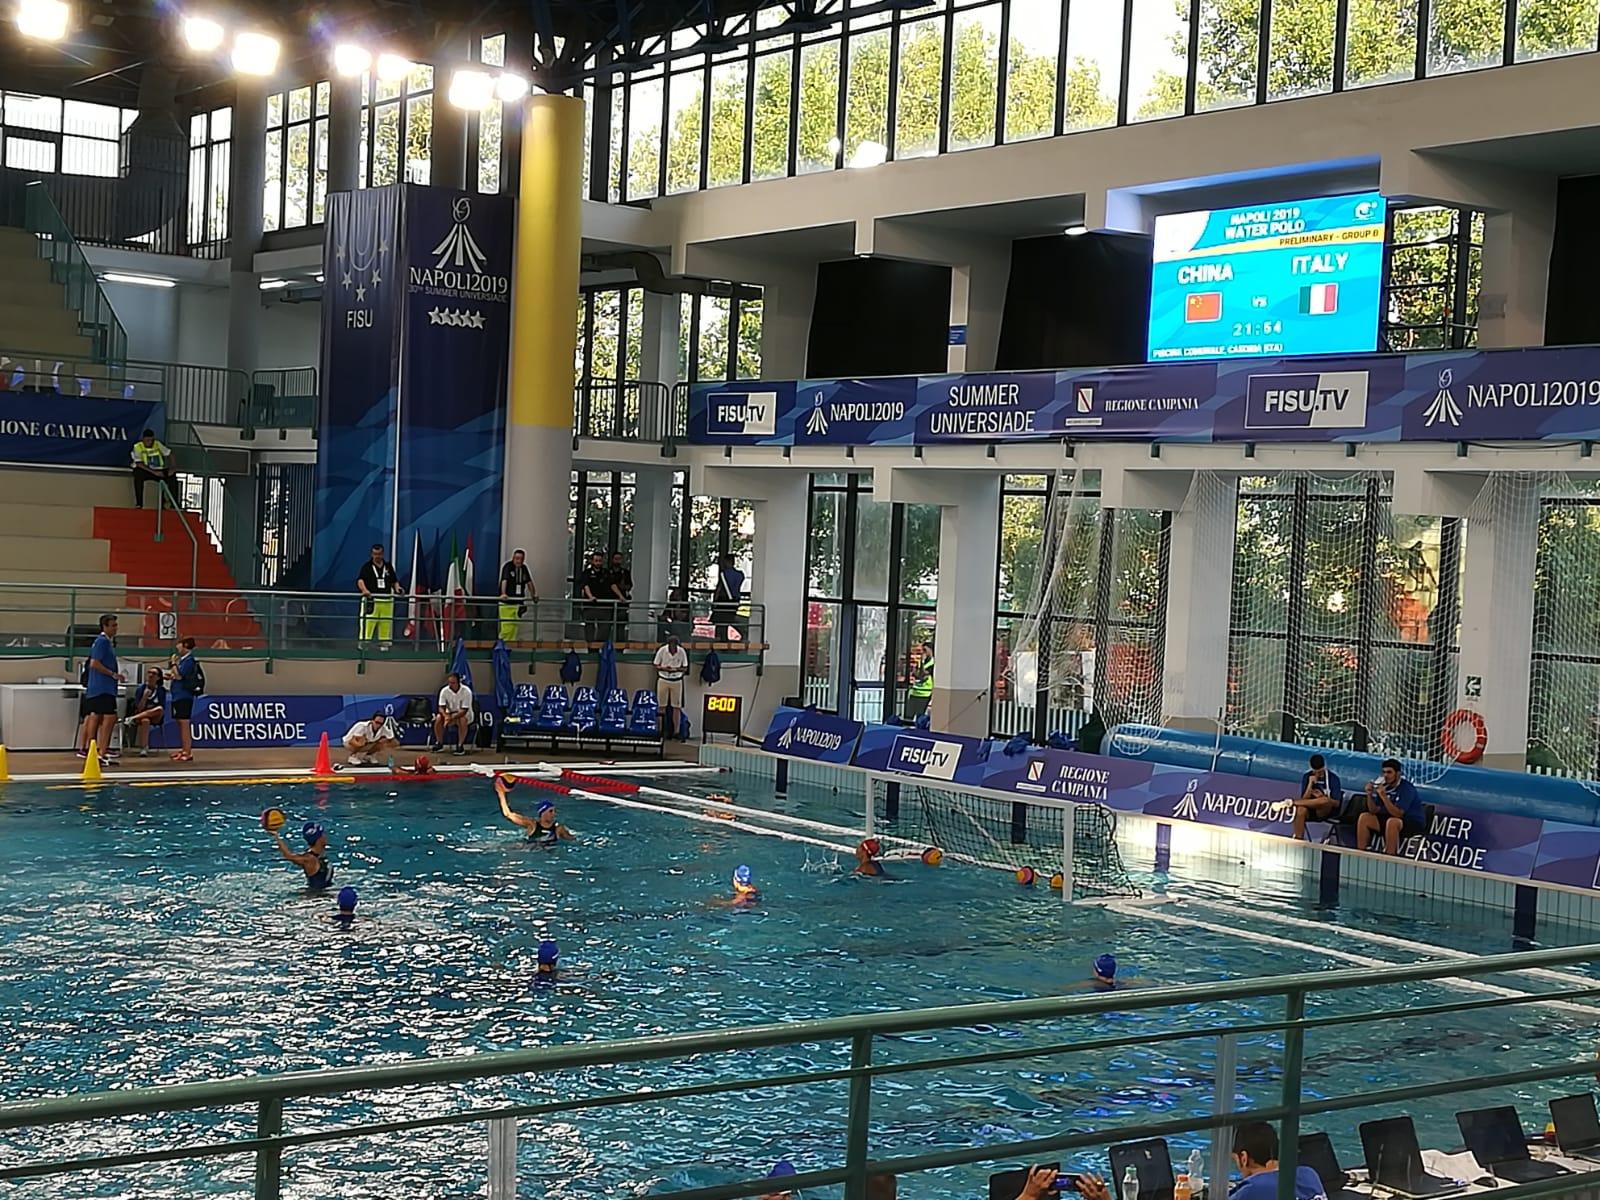 Pallanuoto femminile. Cina – Italia 10 a 11, partita al cardiopalma. Tifosi in delirio a Casoria